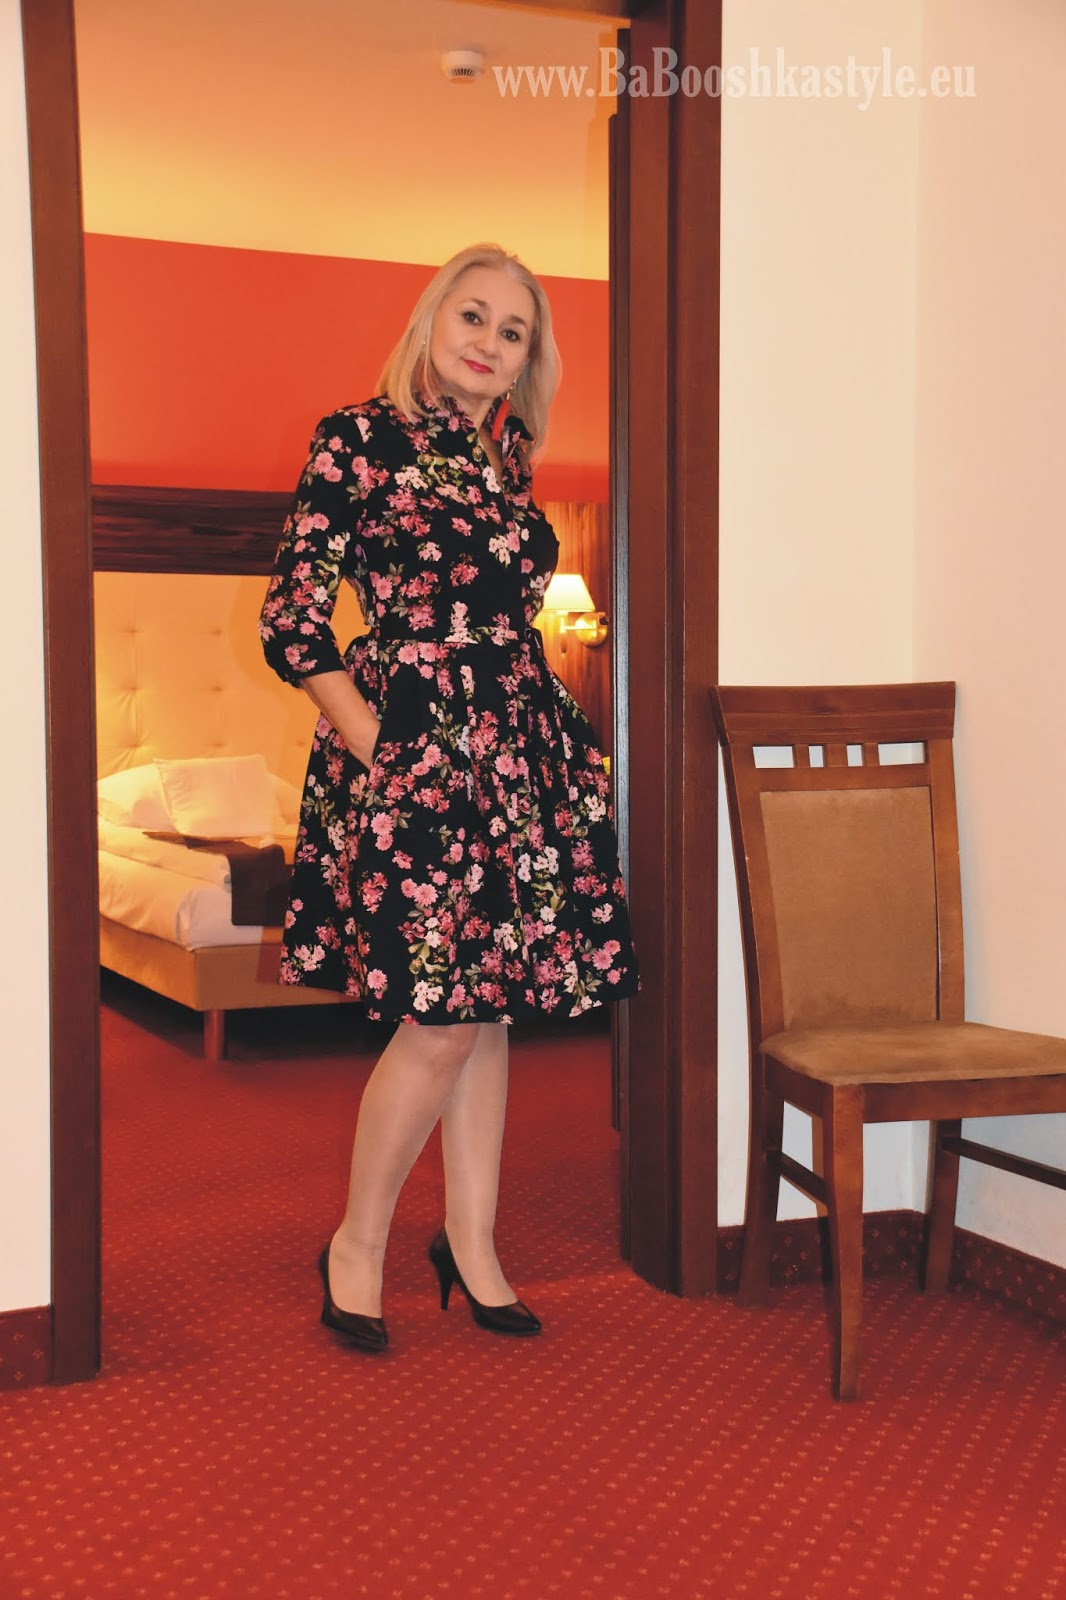 Babooshkastyle, stylistka, personal shopper, personal stylist, sukienka dla gruszki, sukienka dla kolumny, sukienka dla klepsydry, Ryłko, over50fashion, over50blogger